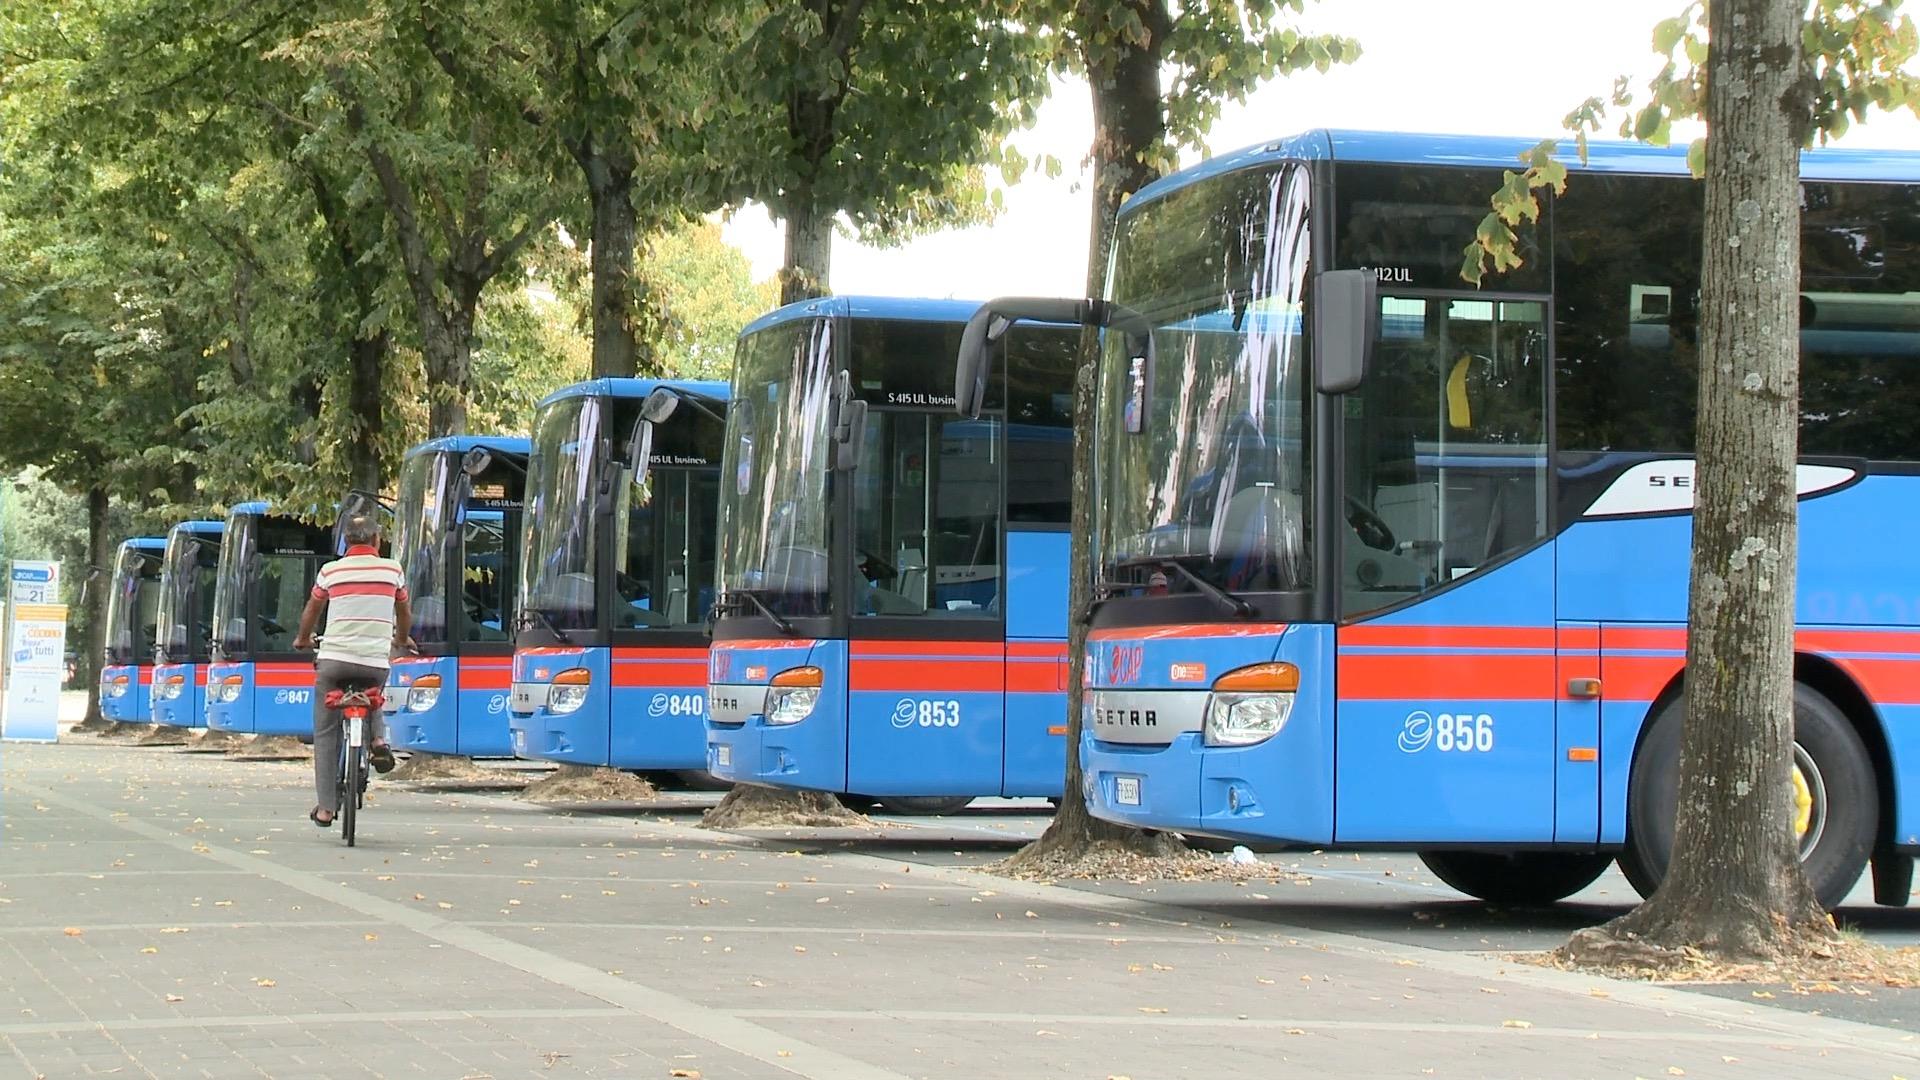 Repubblica viareggina: Potenziare subito il servizio dei trasporti